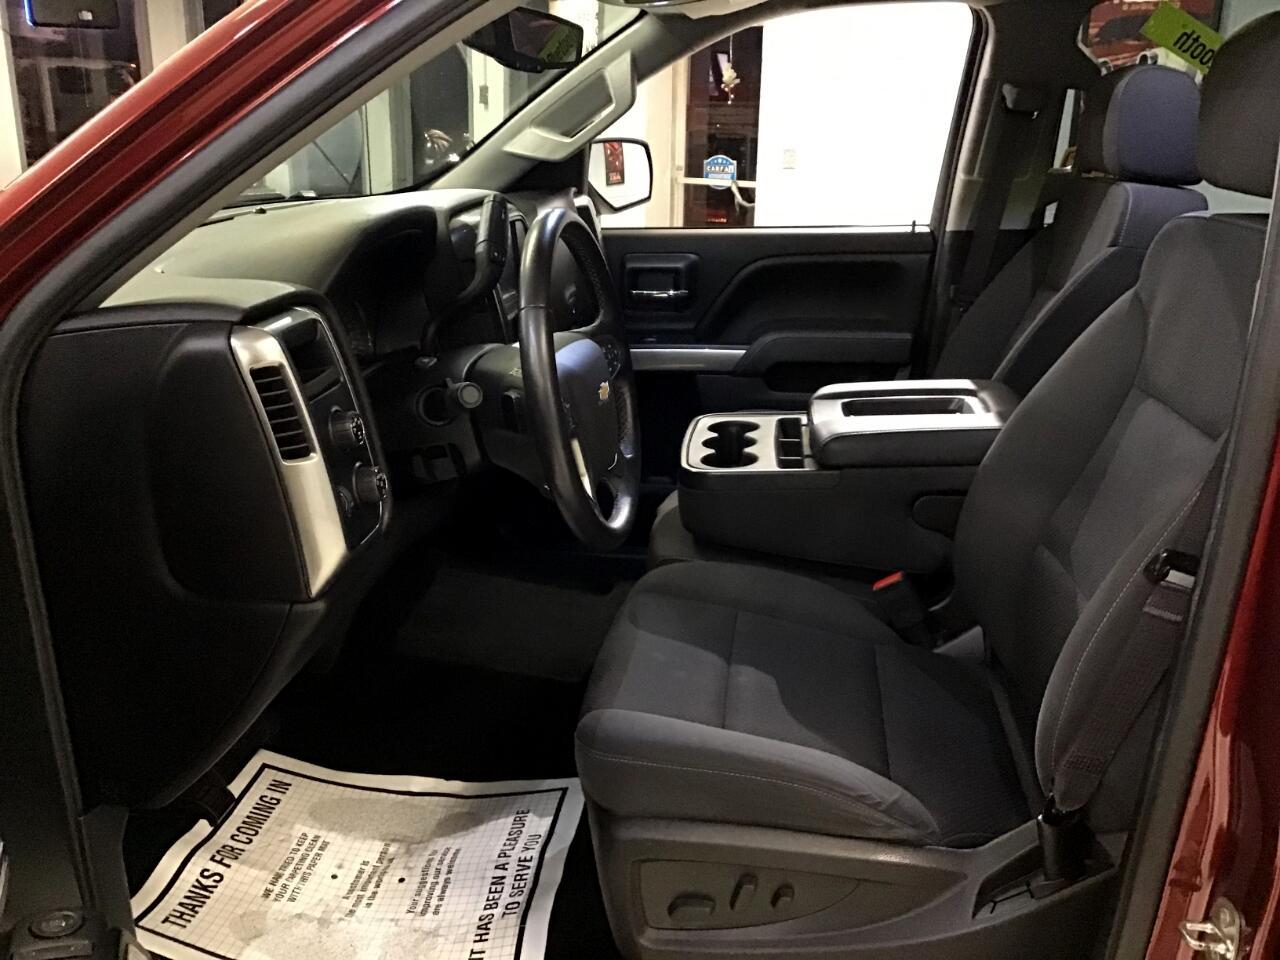 2016 Chevrolet Silverado 1500 LT Double Cab 4WD